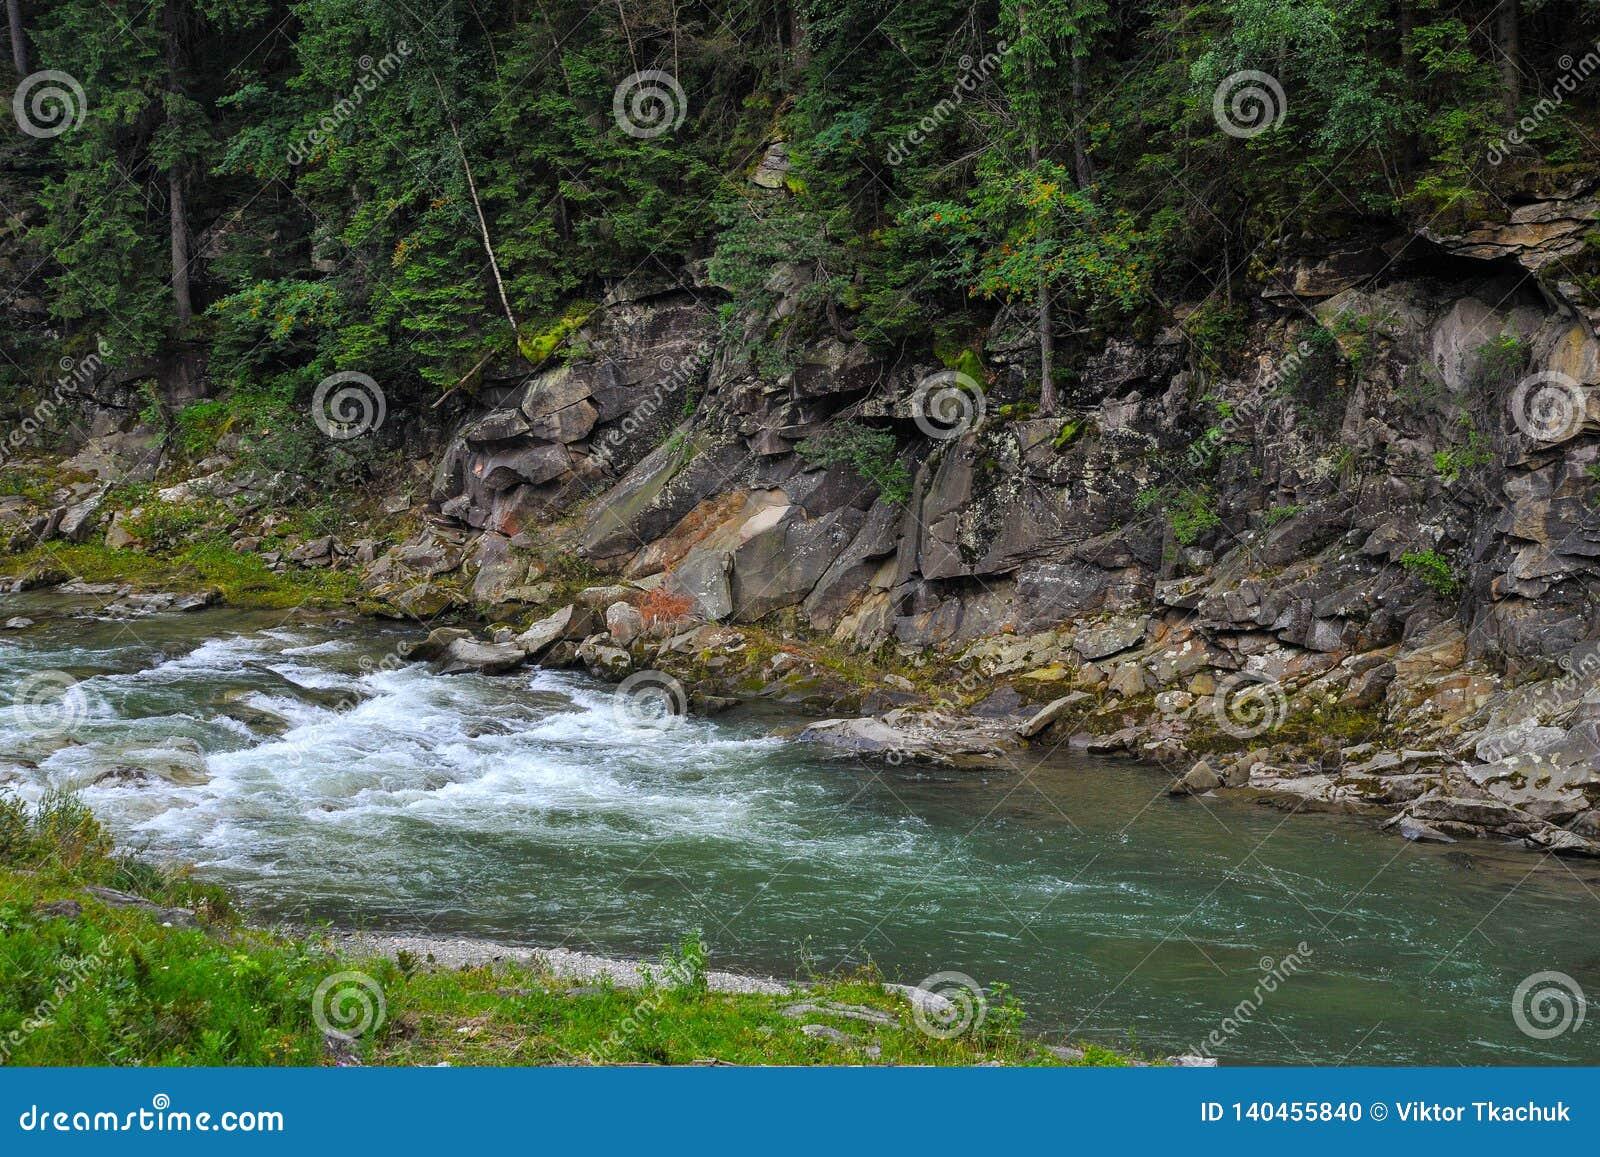 Rivière de montagne dans les montagnes carpathiennes Ukraine avec une roche à l arrière-plan et à une forêt dense